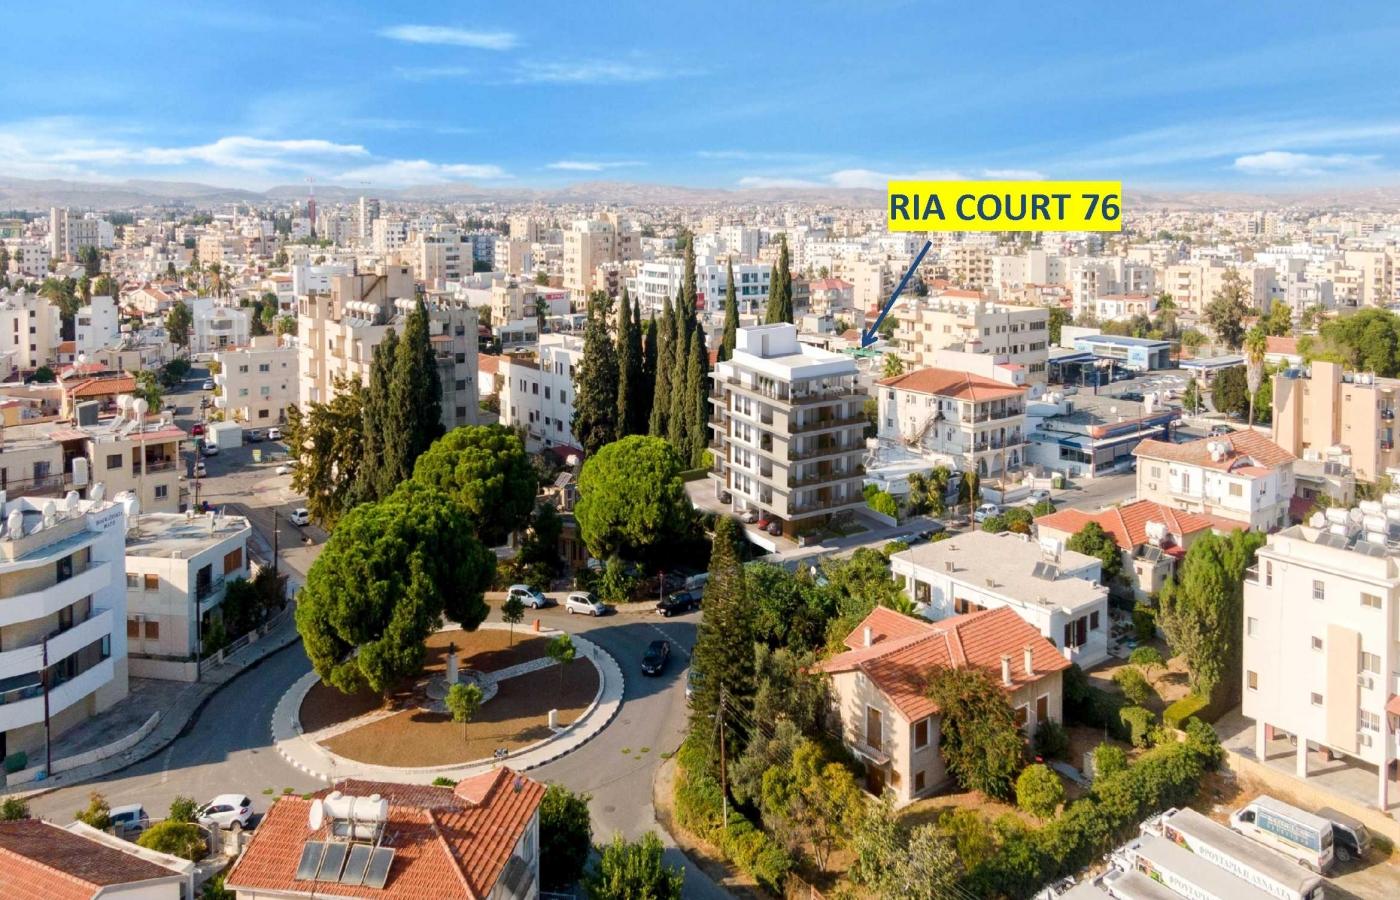 Ria Court 76